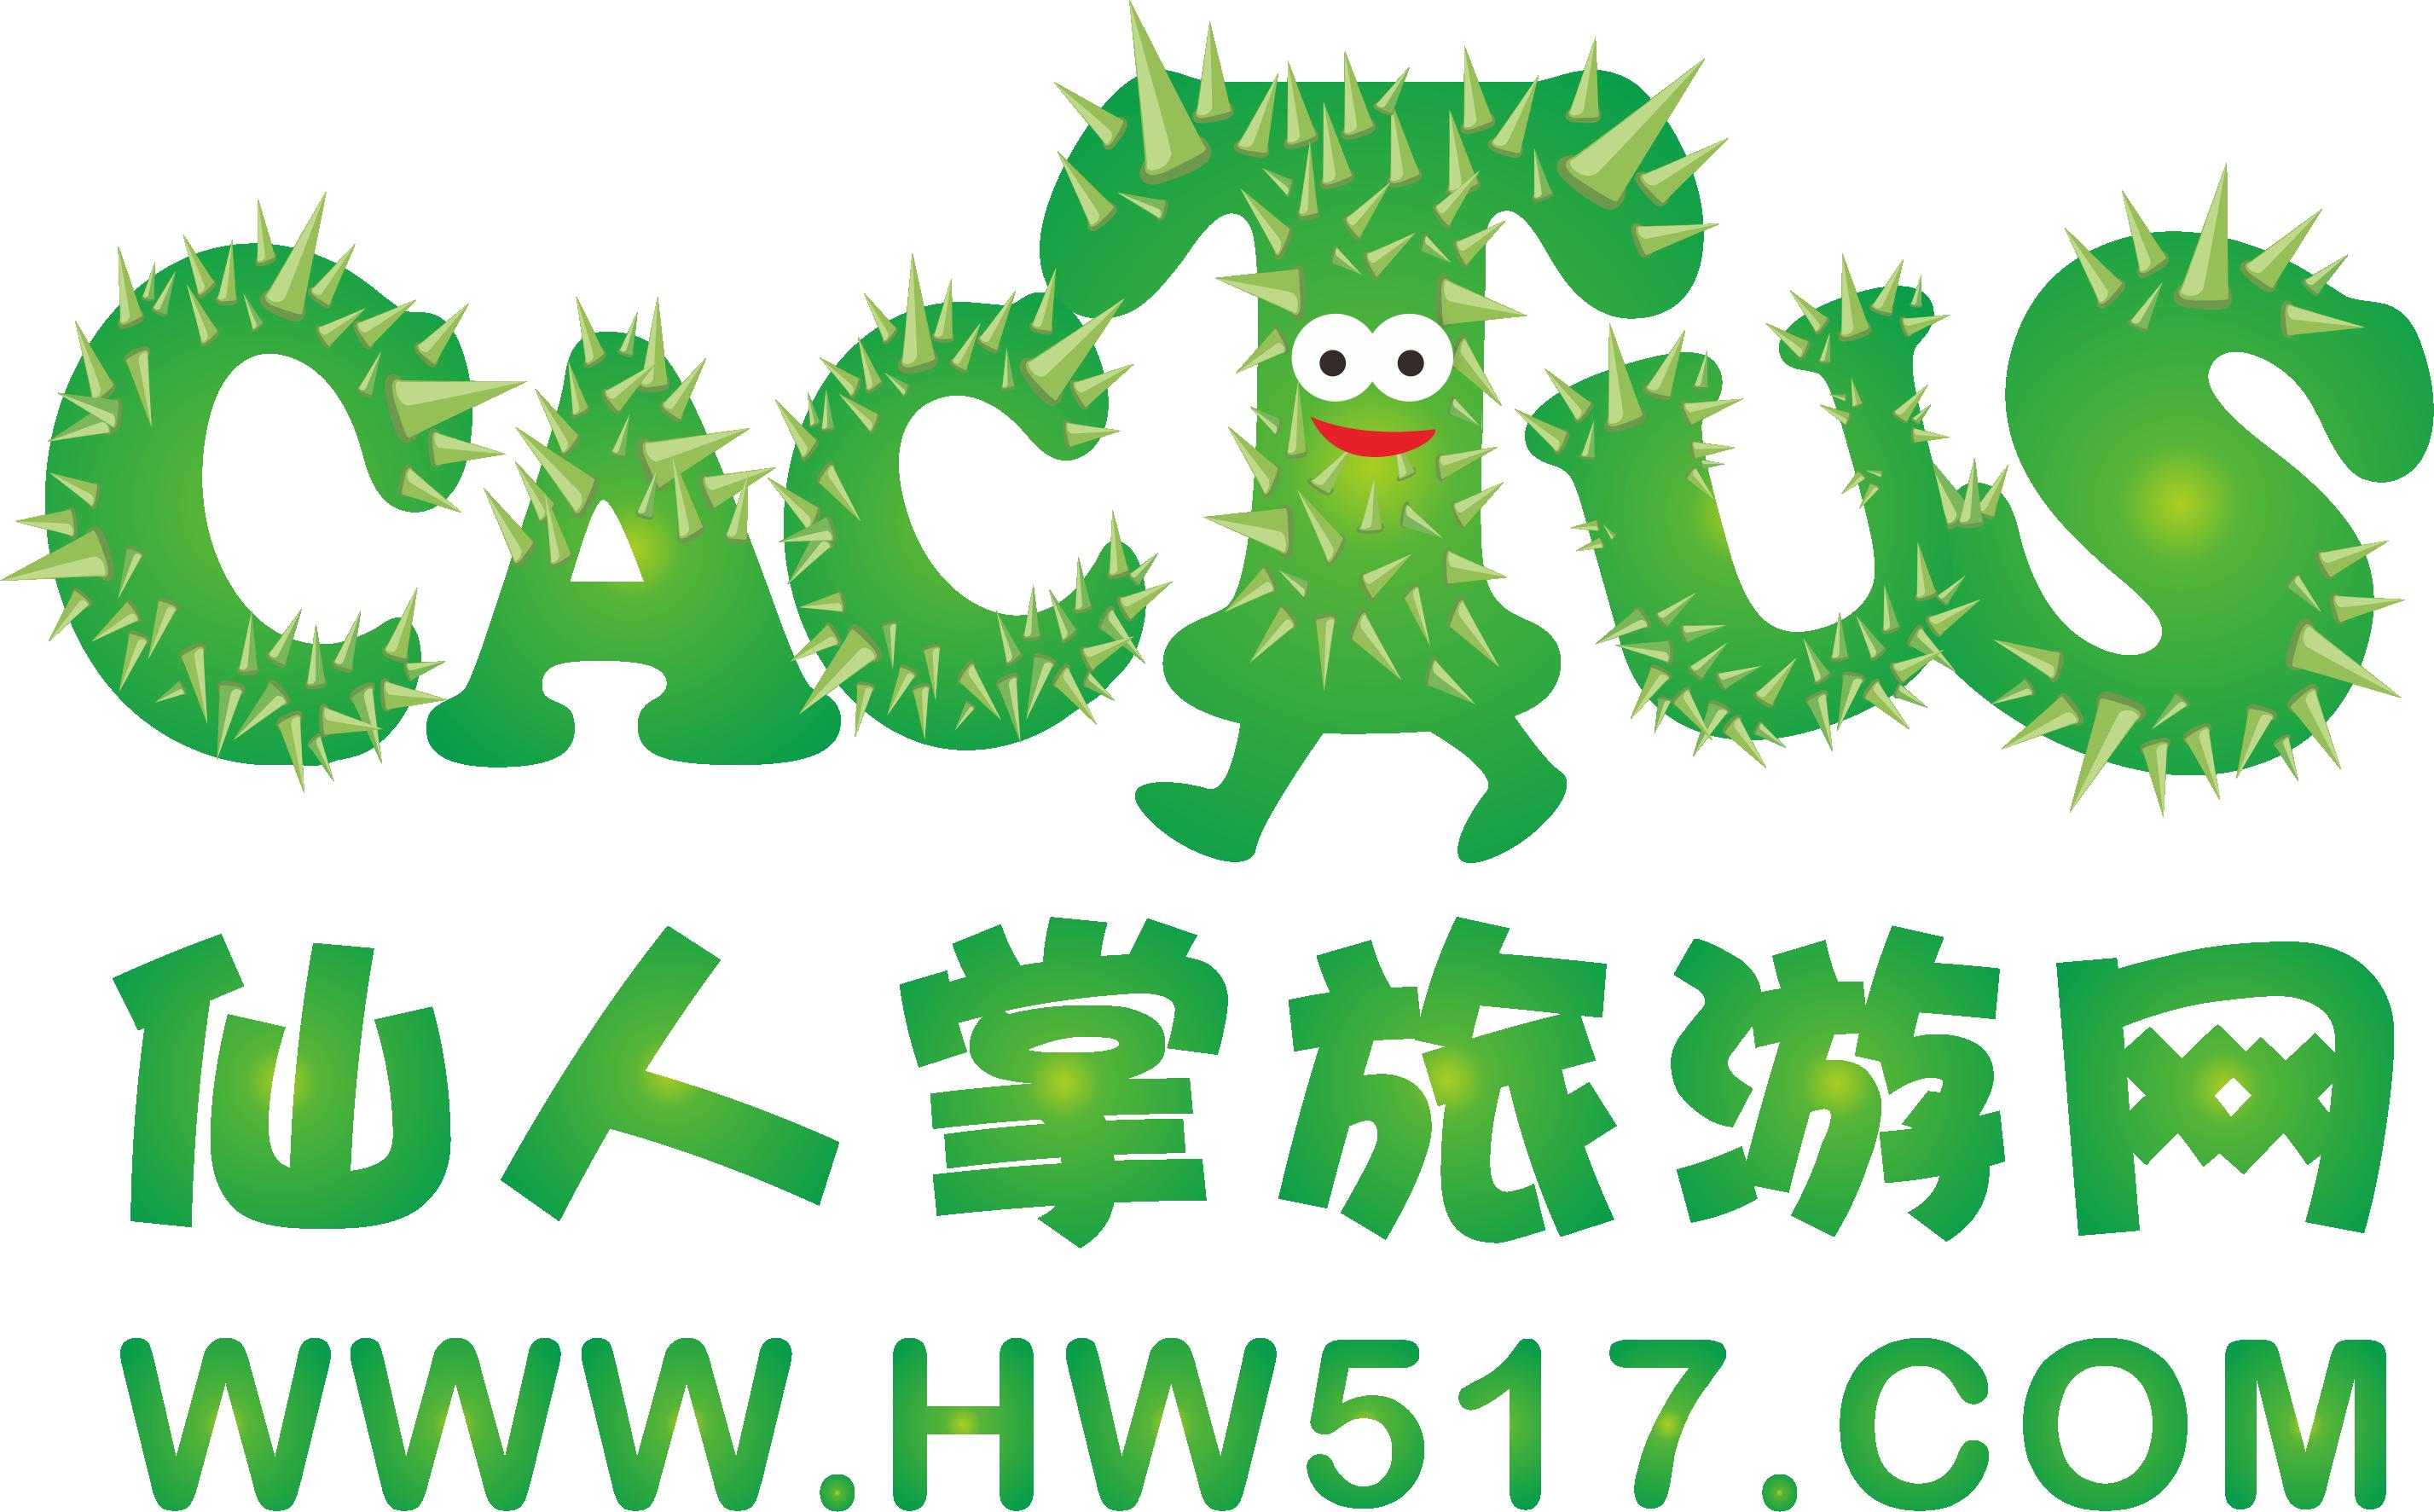 【仙人掌旅游】宁波小普陀、达人村灯光秀、杭州湾、鸣鹤古镇二日